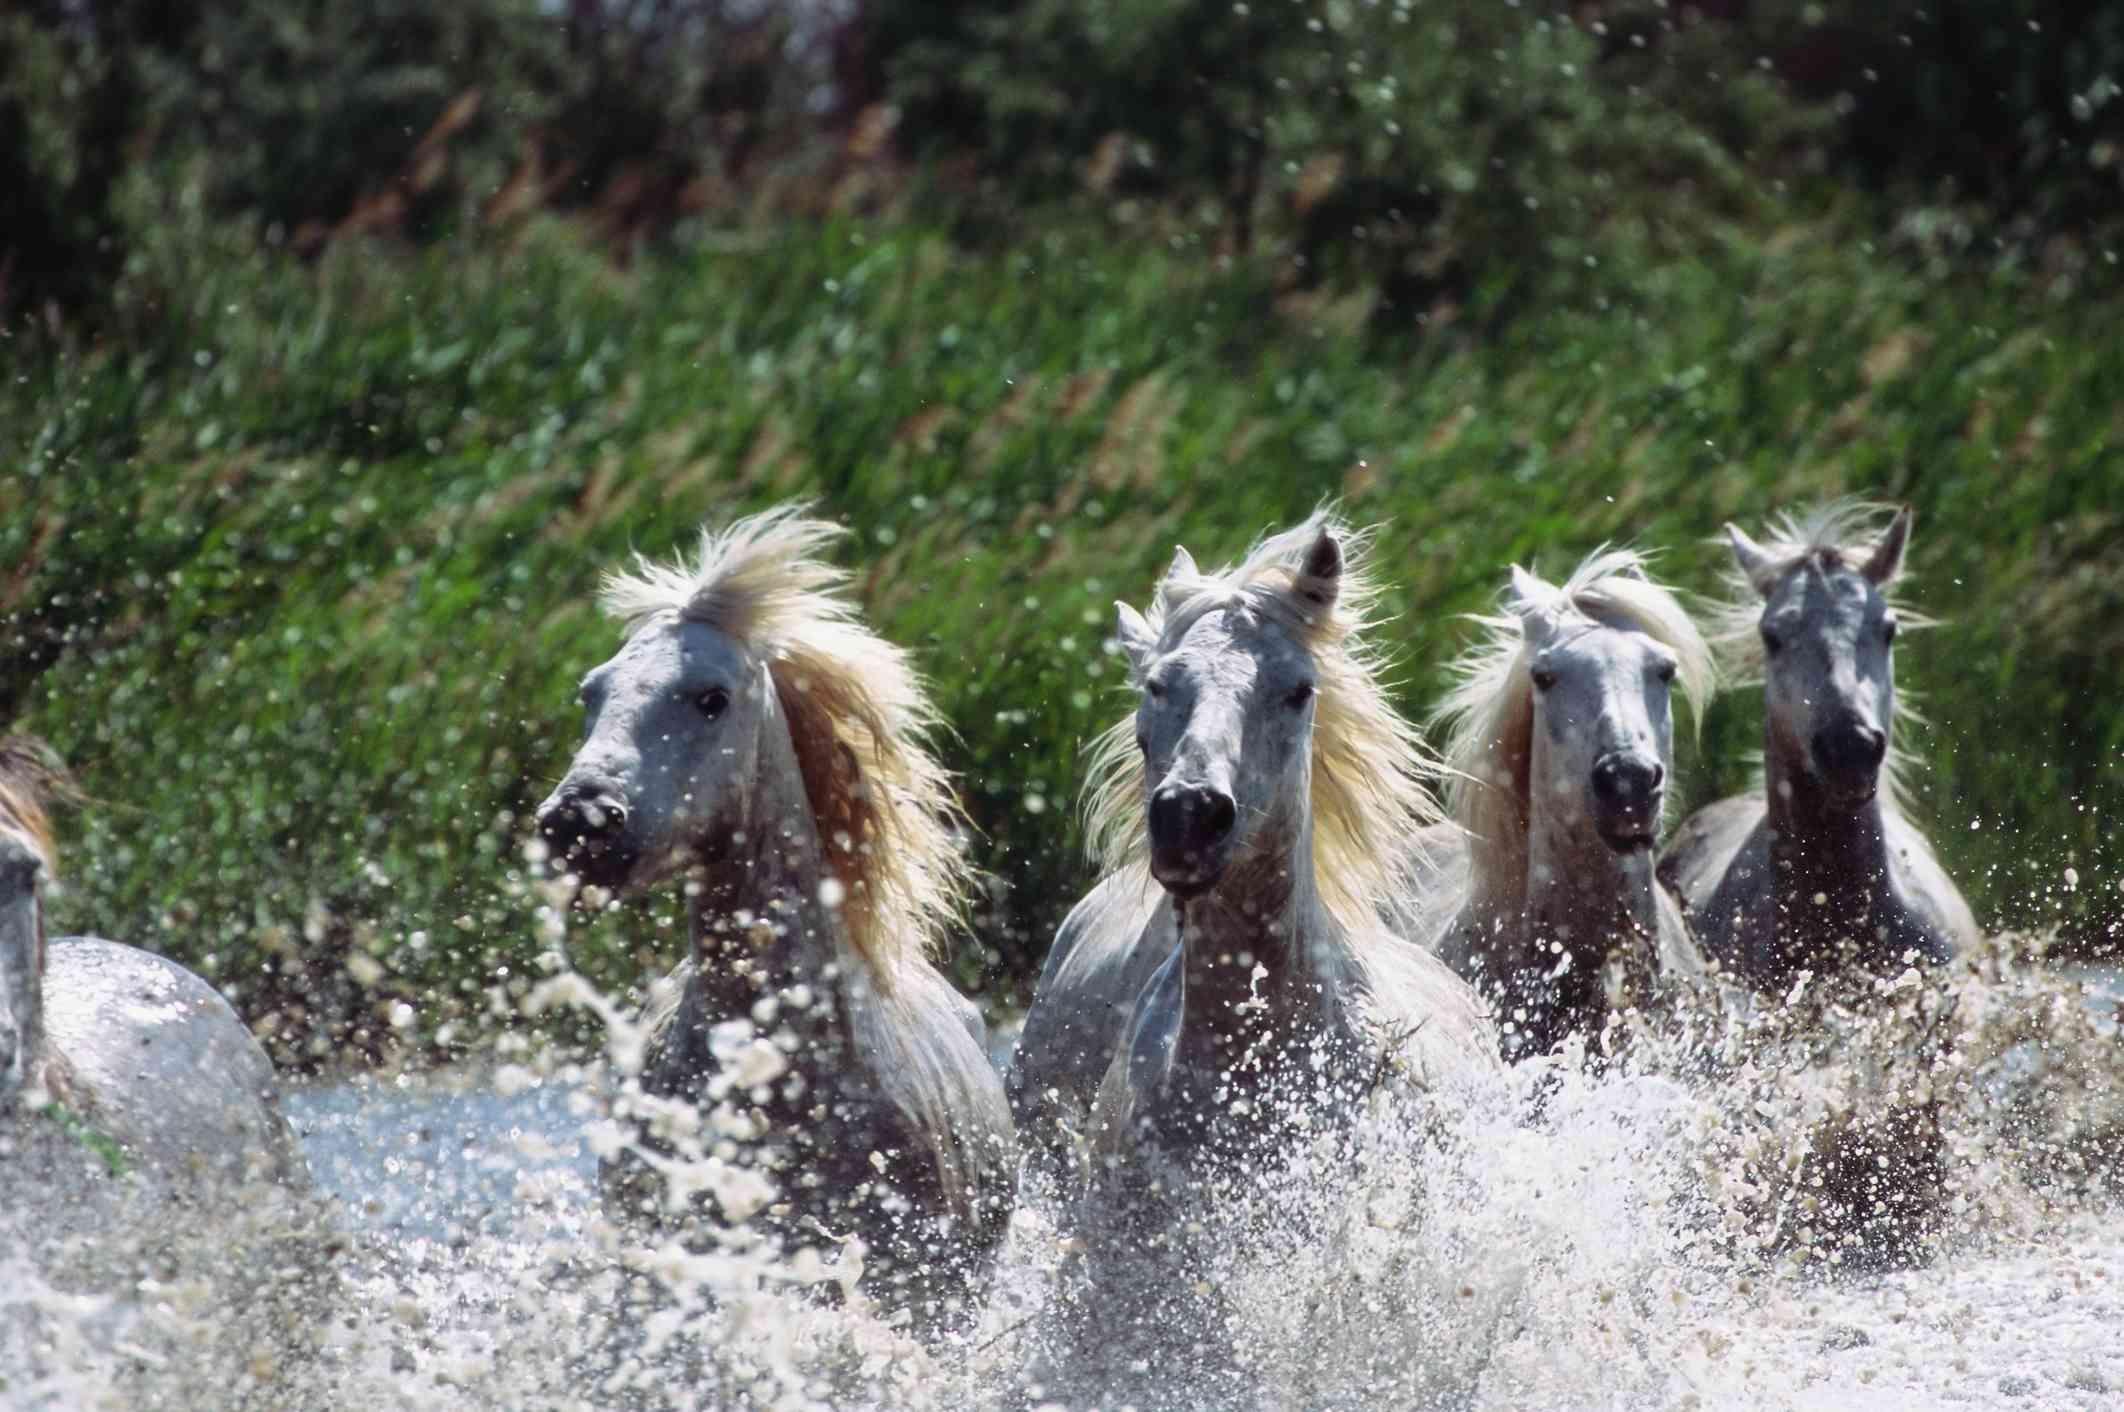 White horses run and splash in water